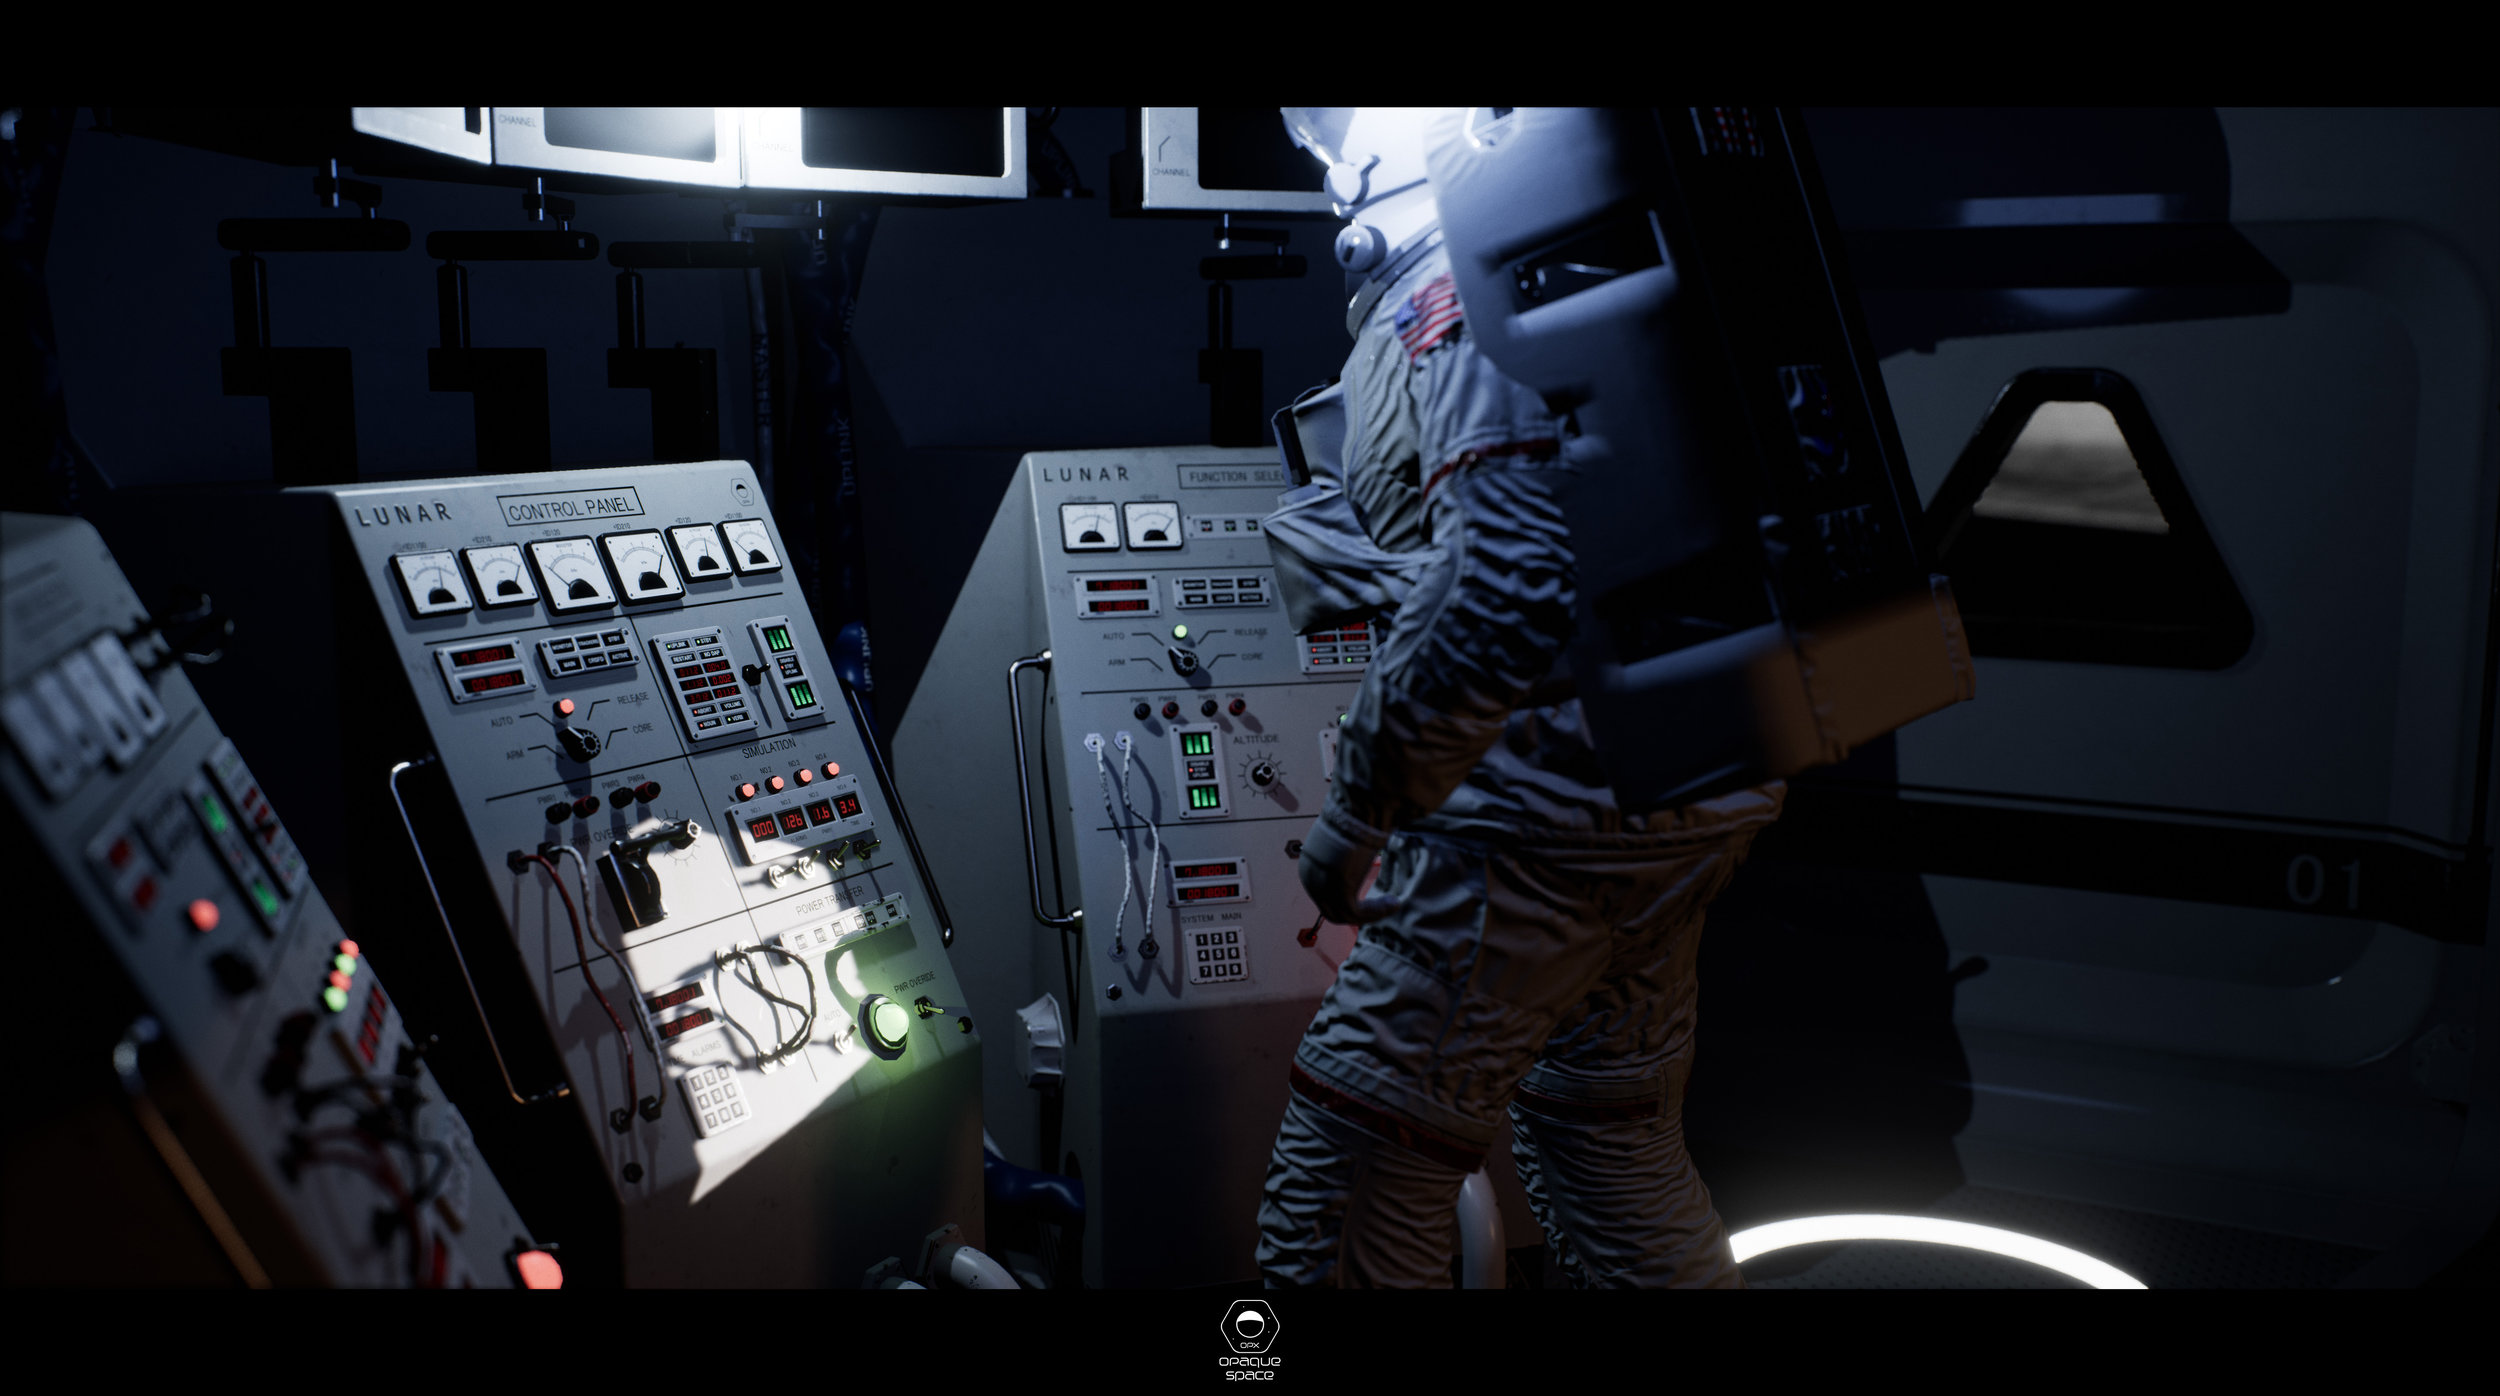 Earthlight_LunarMission_03.jpg